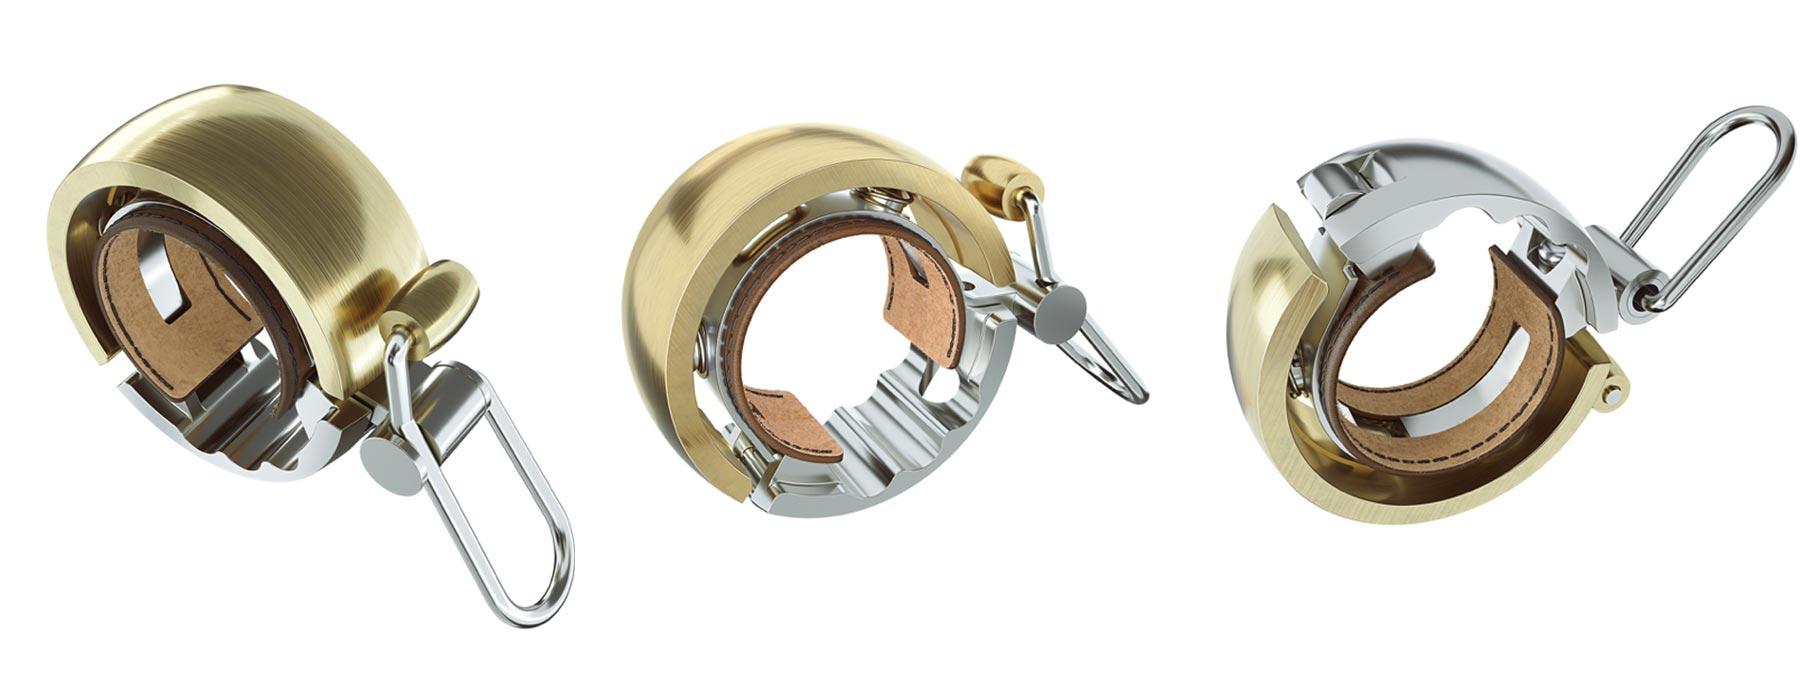 Zvonek-Knog-Oi-Luxe-2